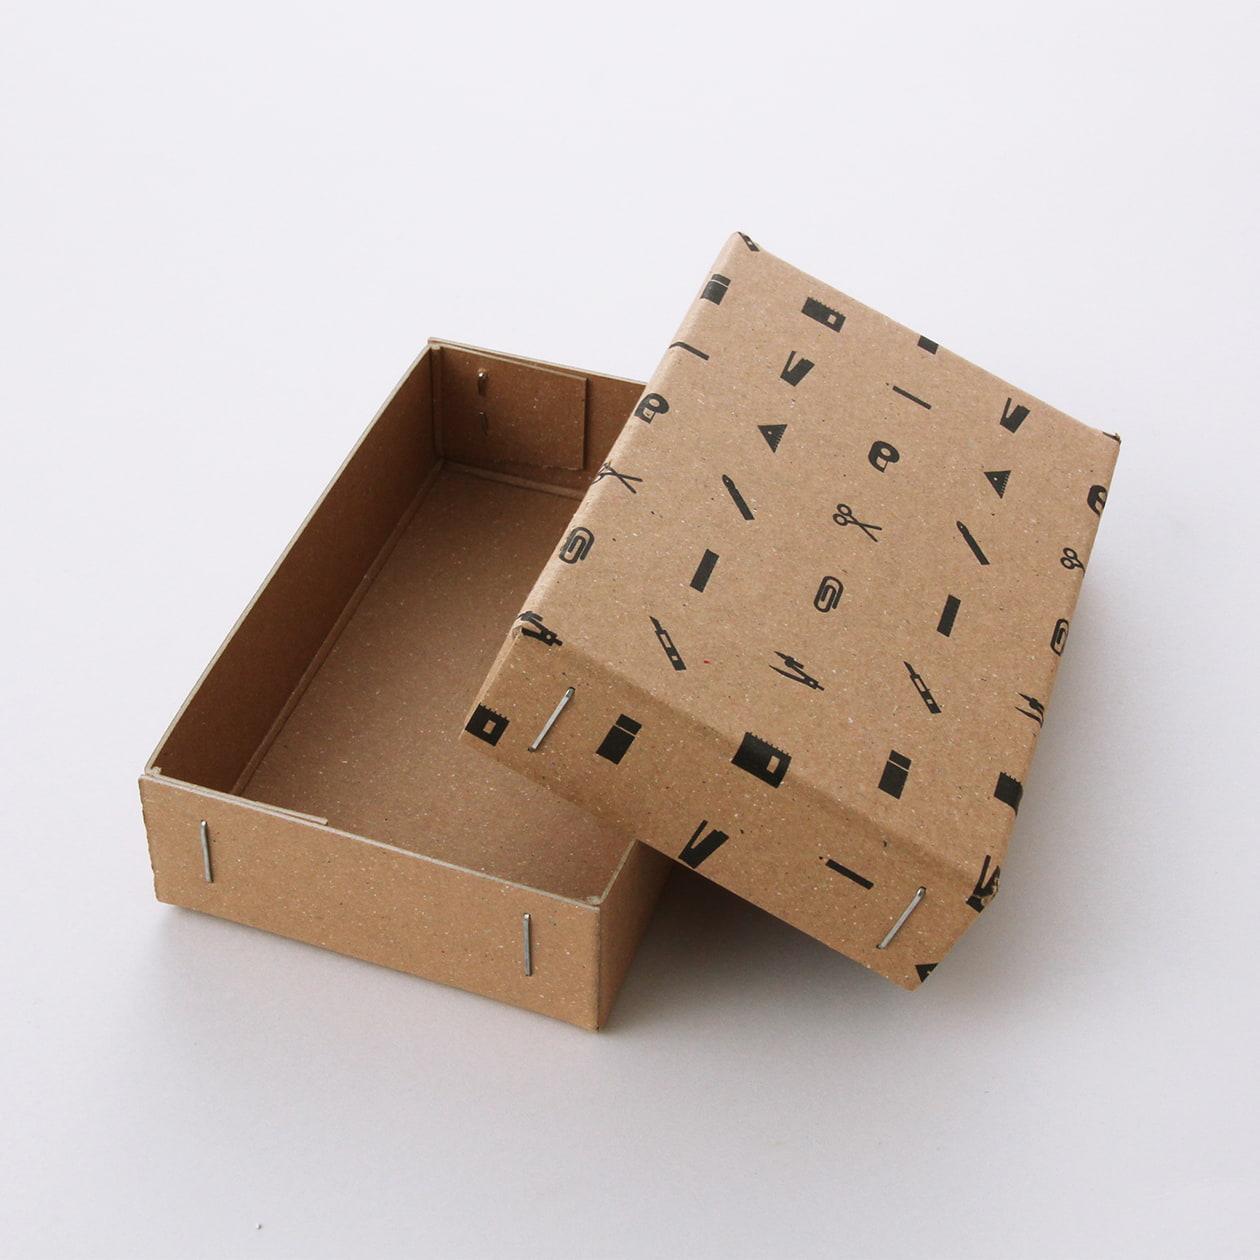 サンプル 箱(ホッチキス箱) 00036